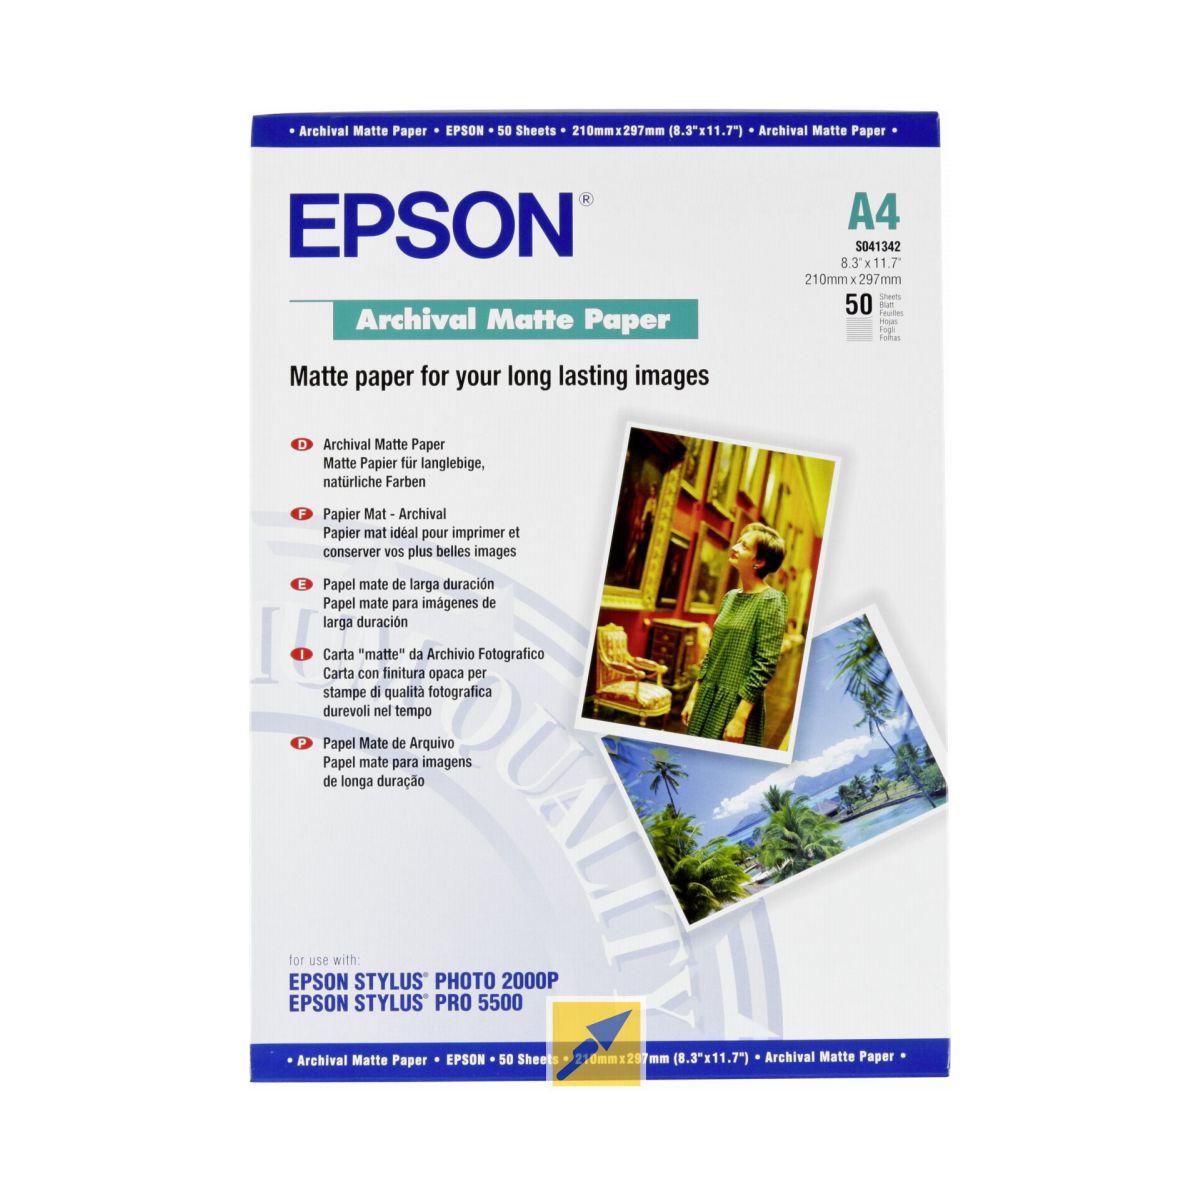 Papier photo epson mat archival a4 50 feuilles 192g (photo)